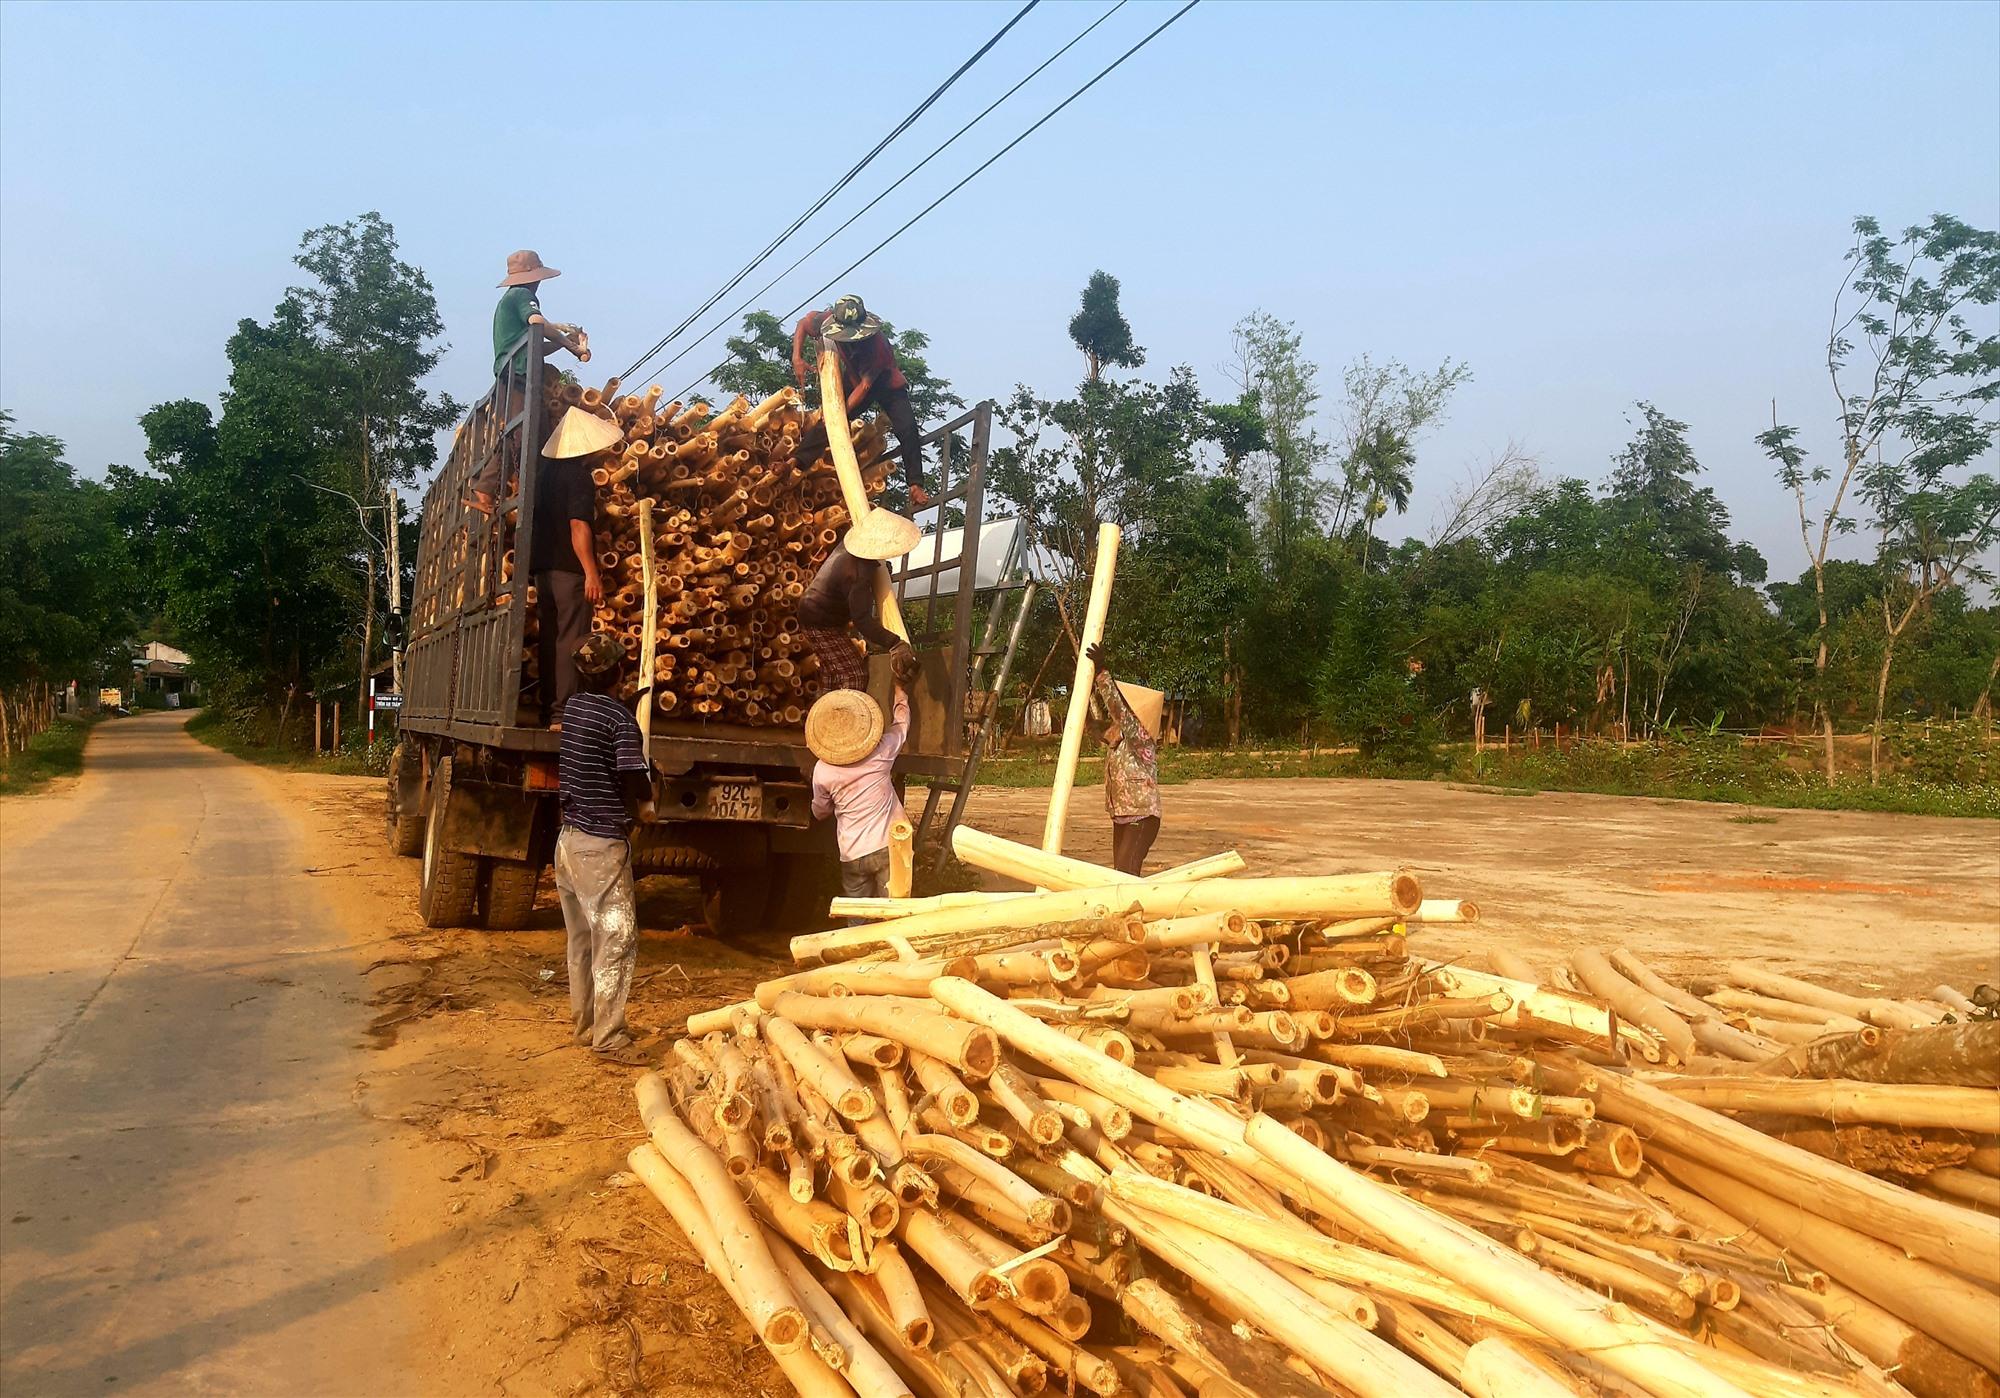 Do thân gỗ nhỏ, năng suất không cao nên giá trị kinh tế thu về từ mô hình trồng keo nguyên liệu đạt thấp. Ảnh: S.A